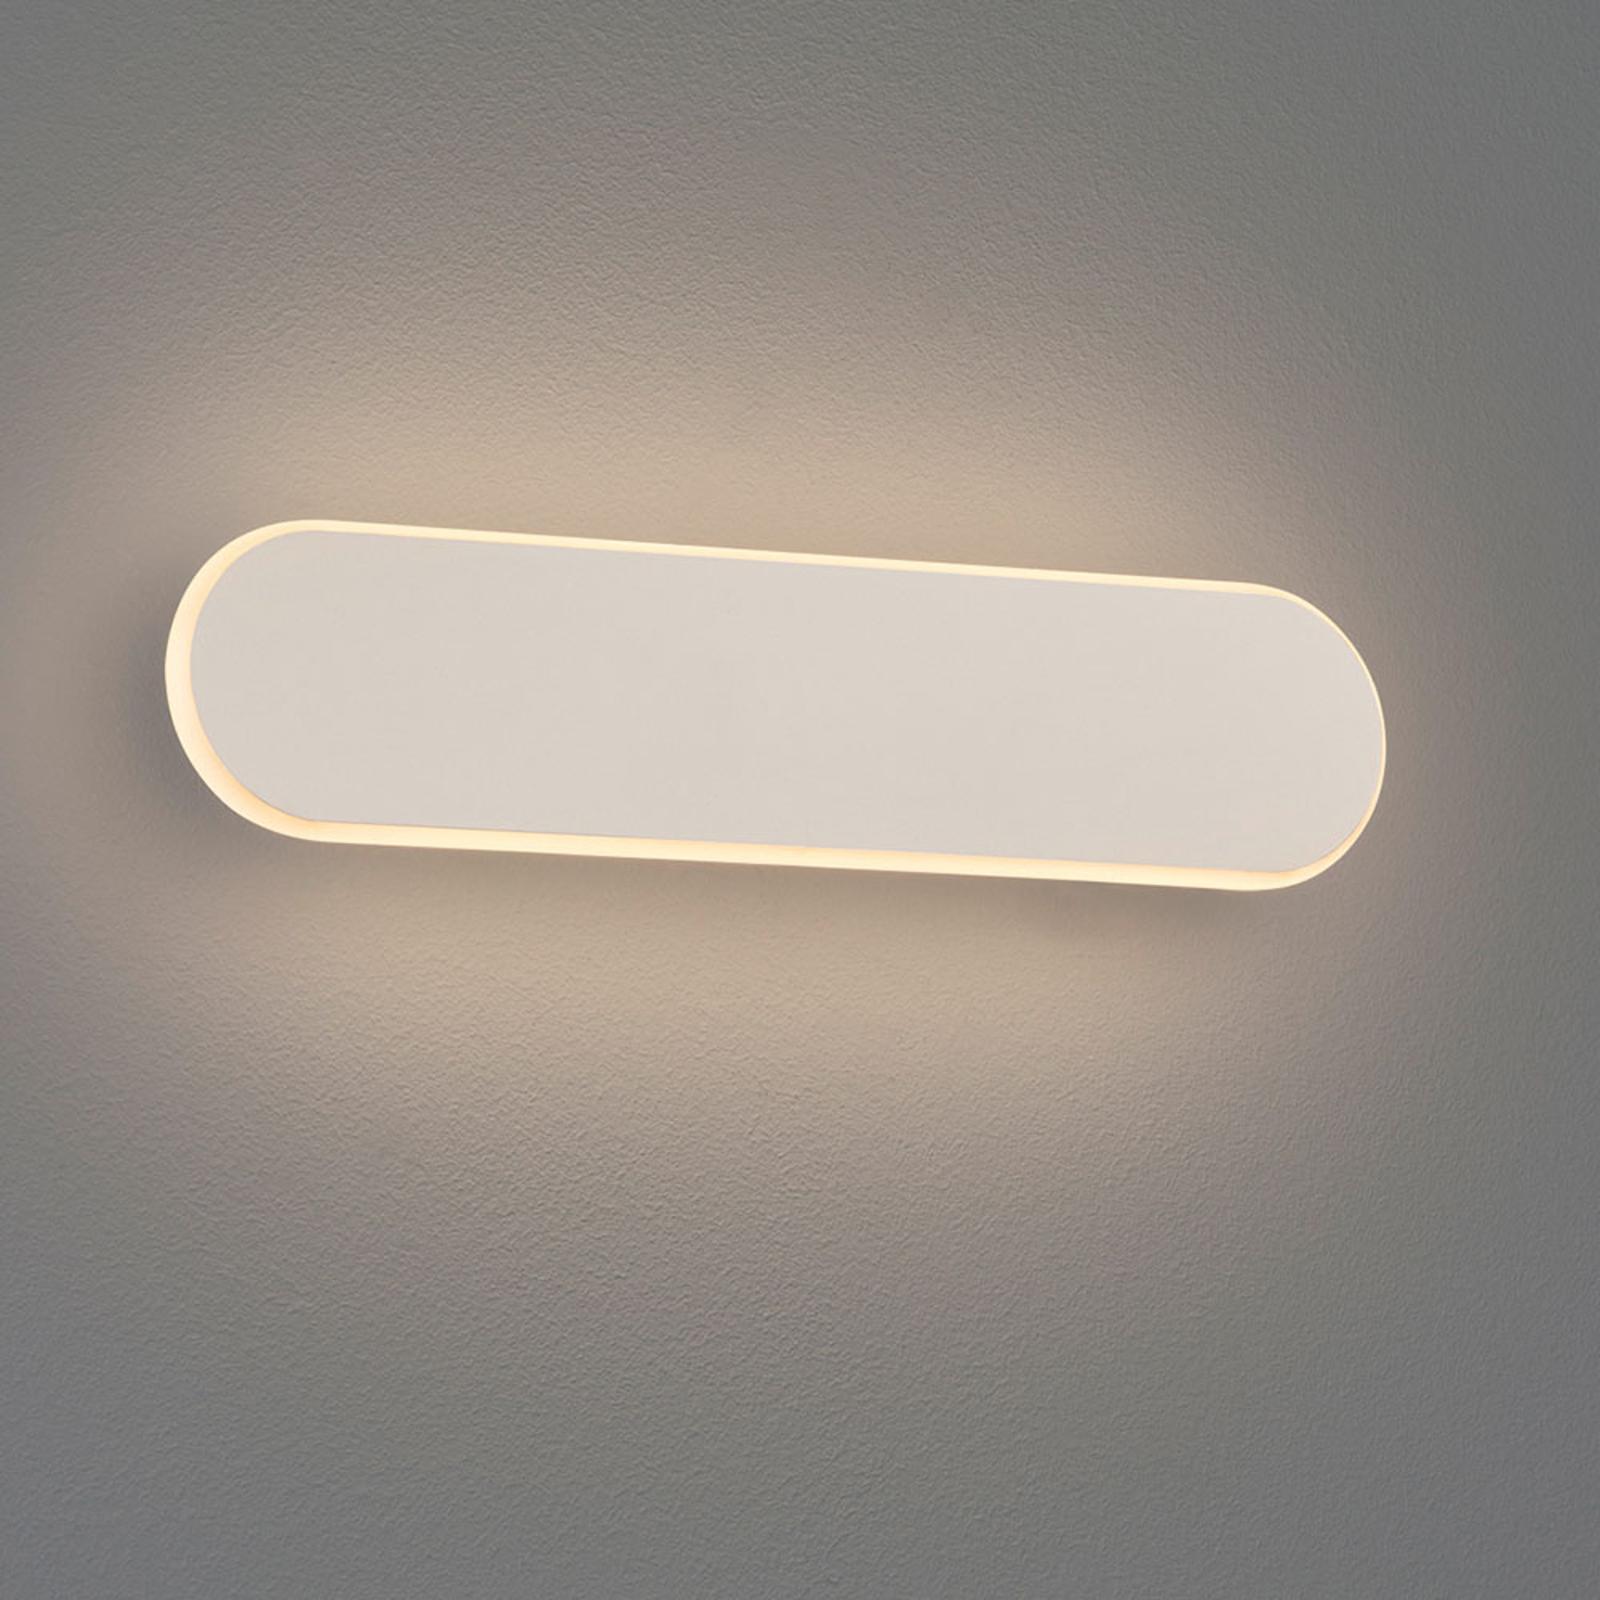 LED wandlamp Carlo, SwitchDim, 35 cm, wit